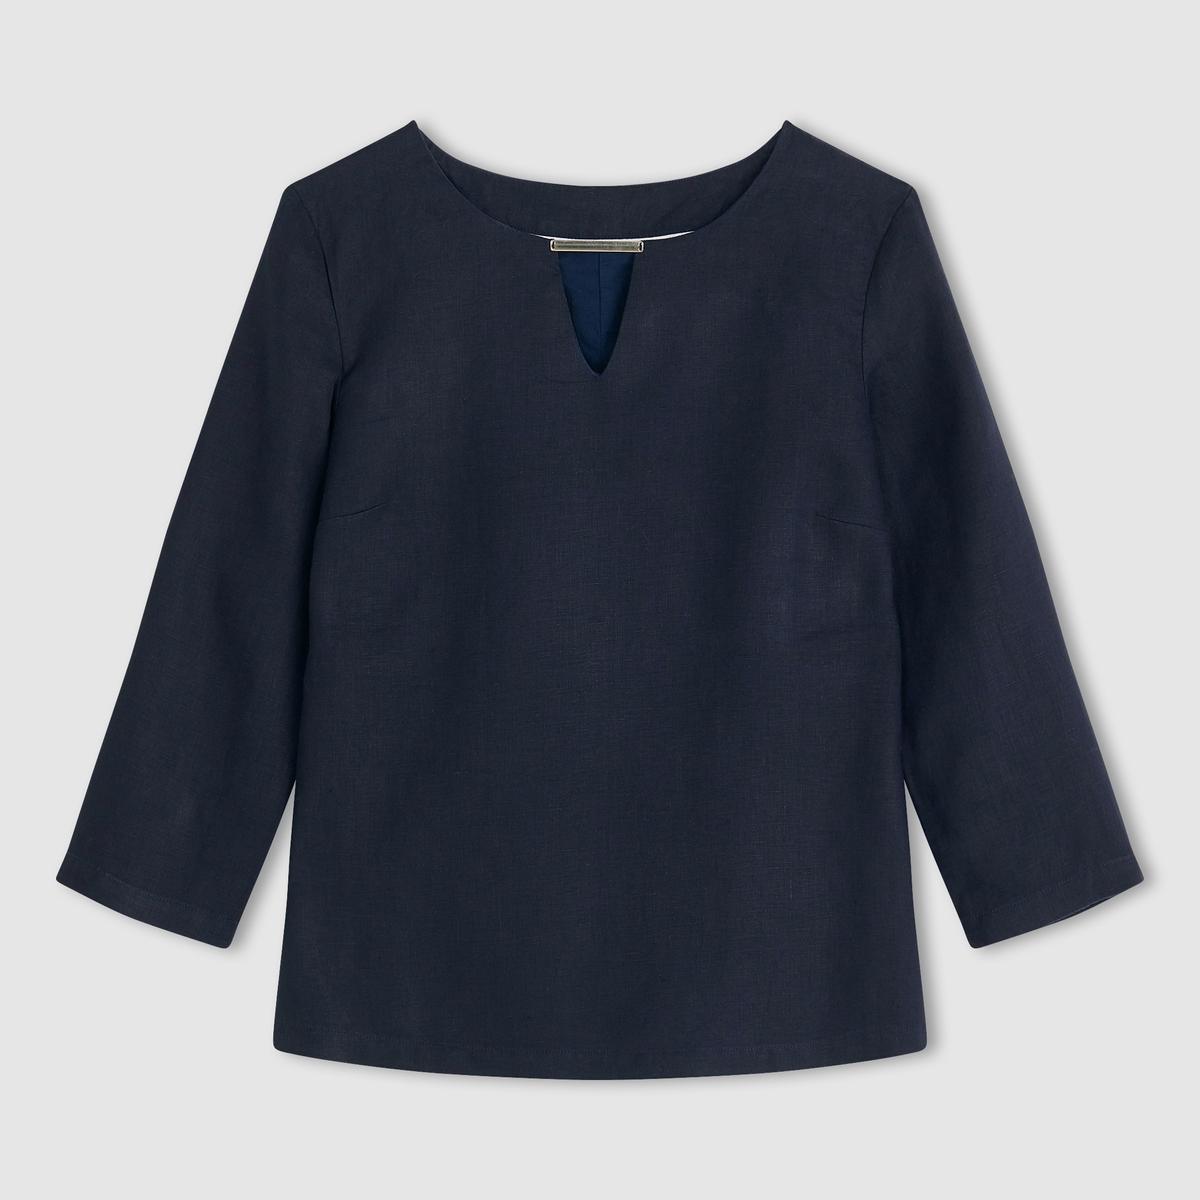 Блузка прямого покроя с рукавами 3/4, 100% льна футболка с украшением 55% льна